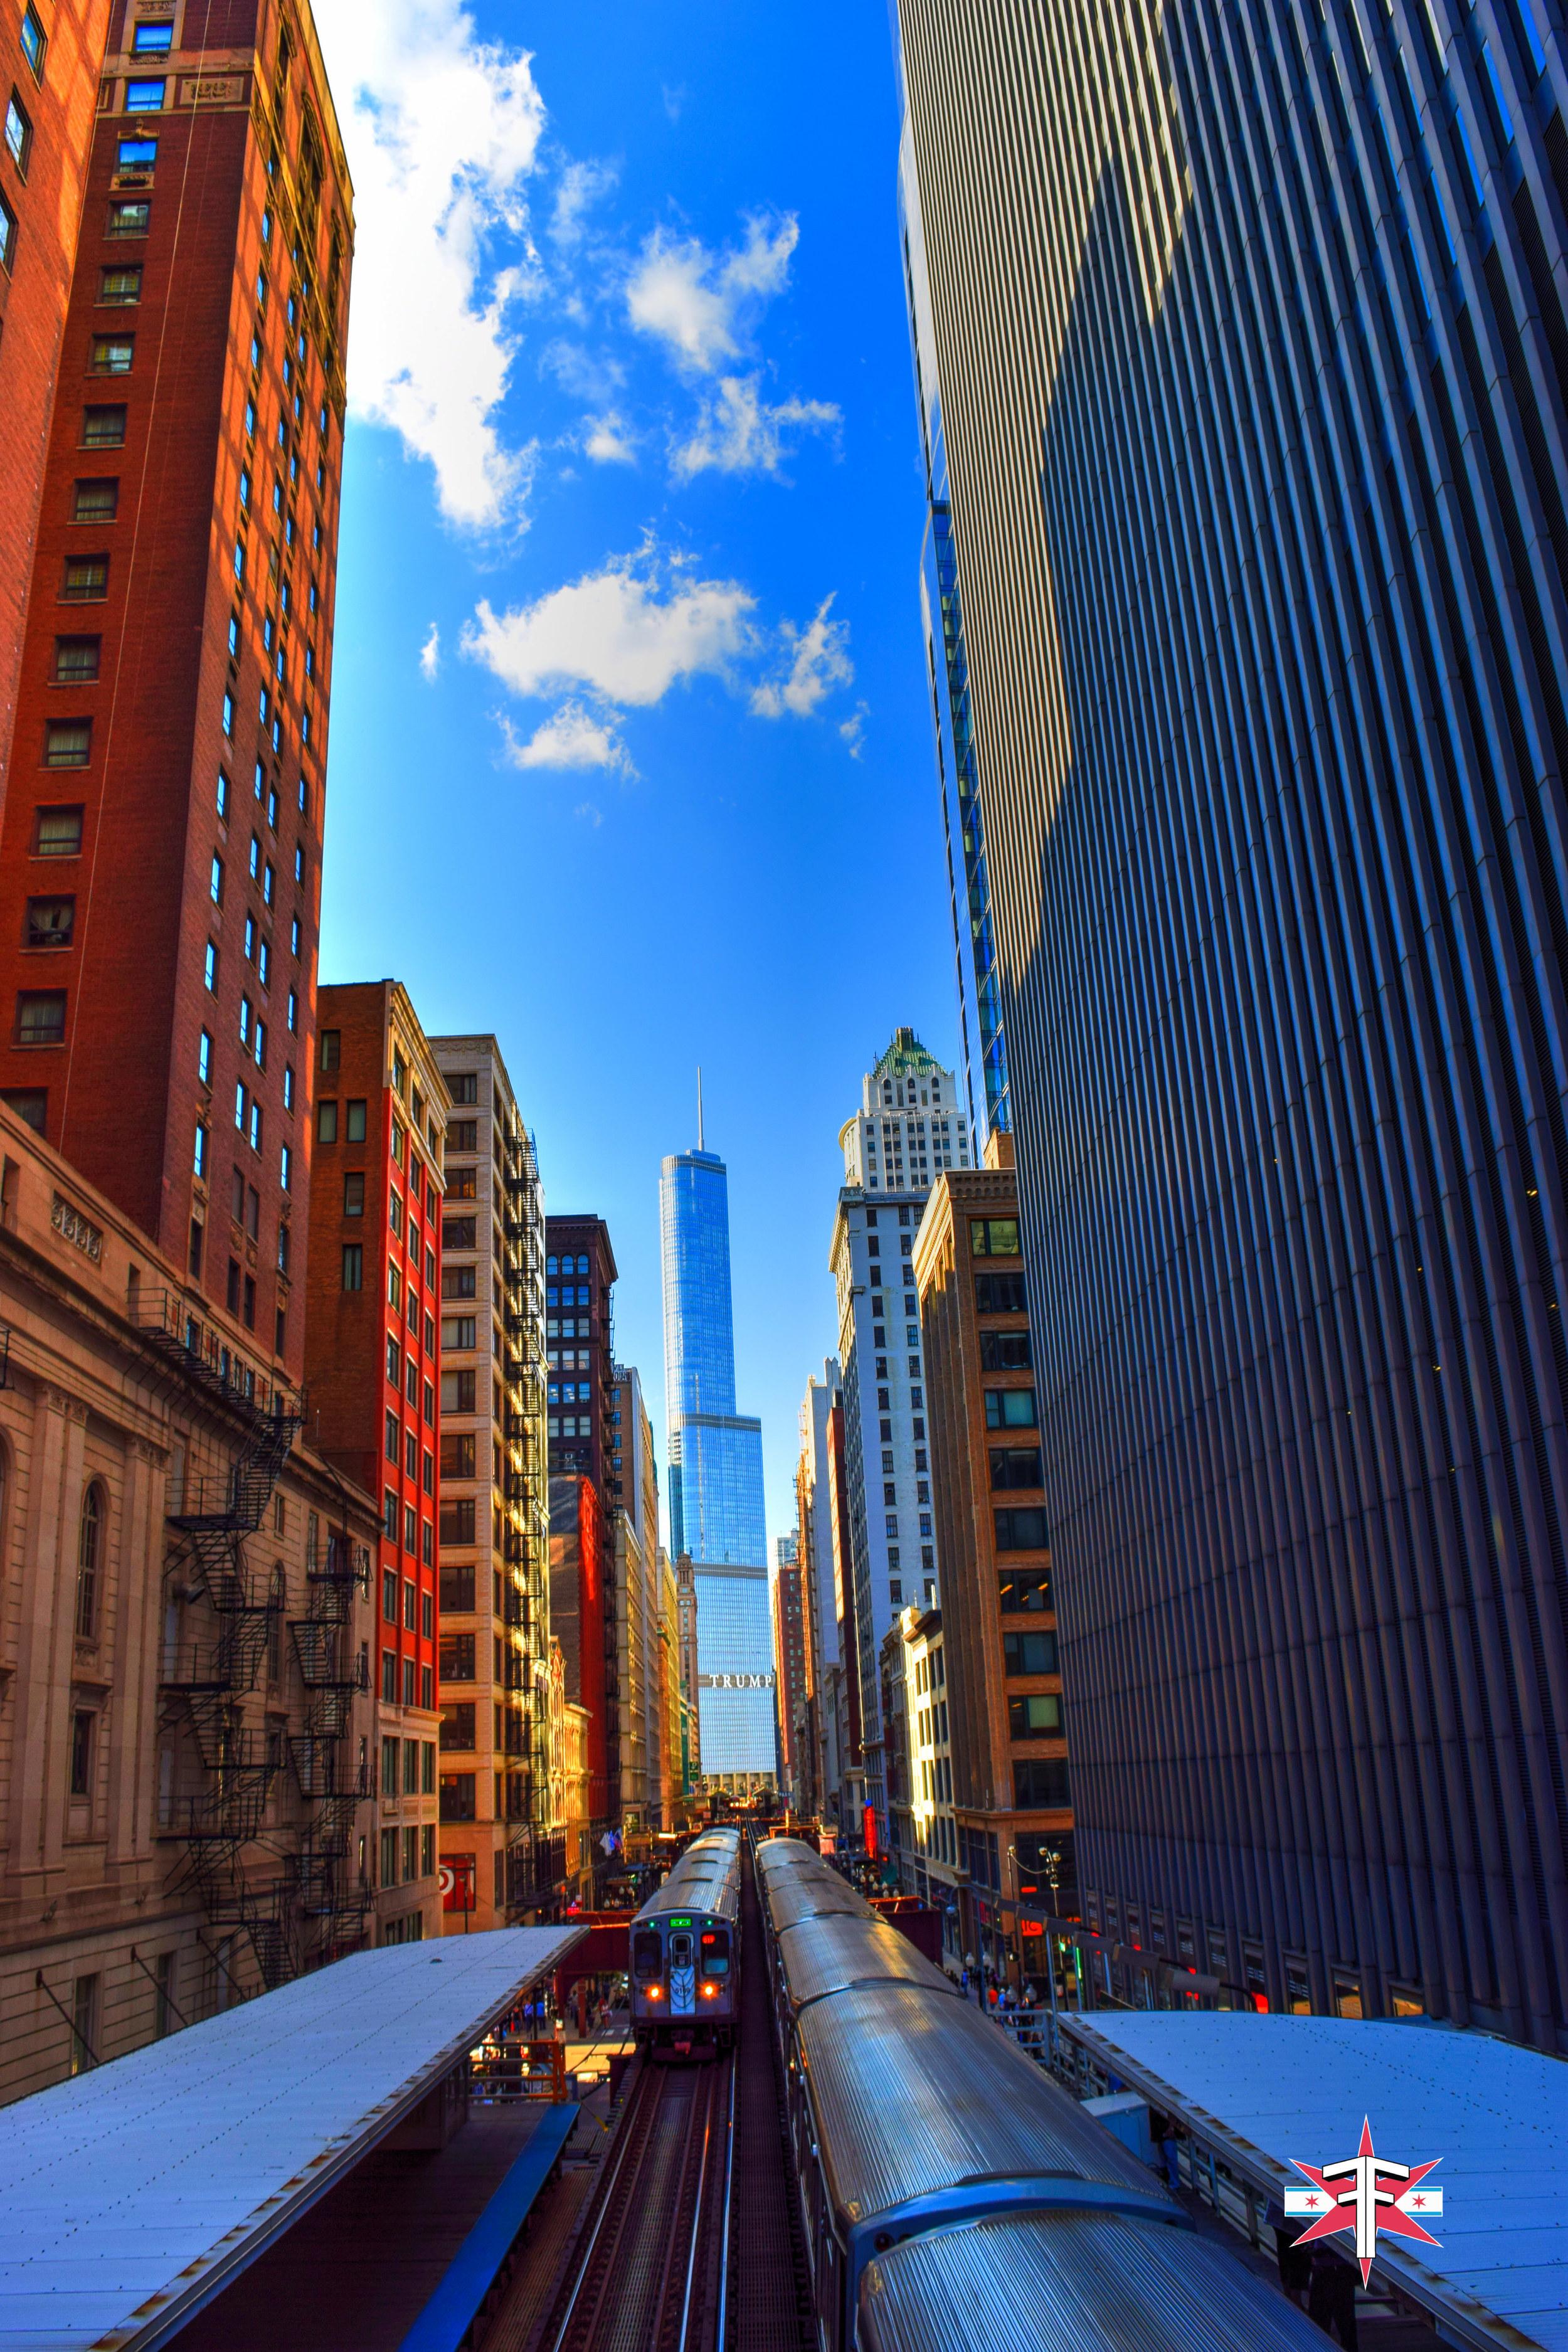 chicago art architecture eric formato photography design arquitectura architettura buildings skyscraper skyscrapers-244.jpg